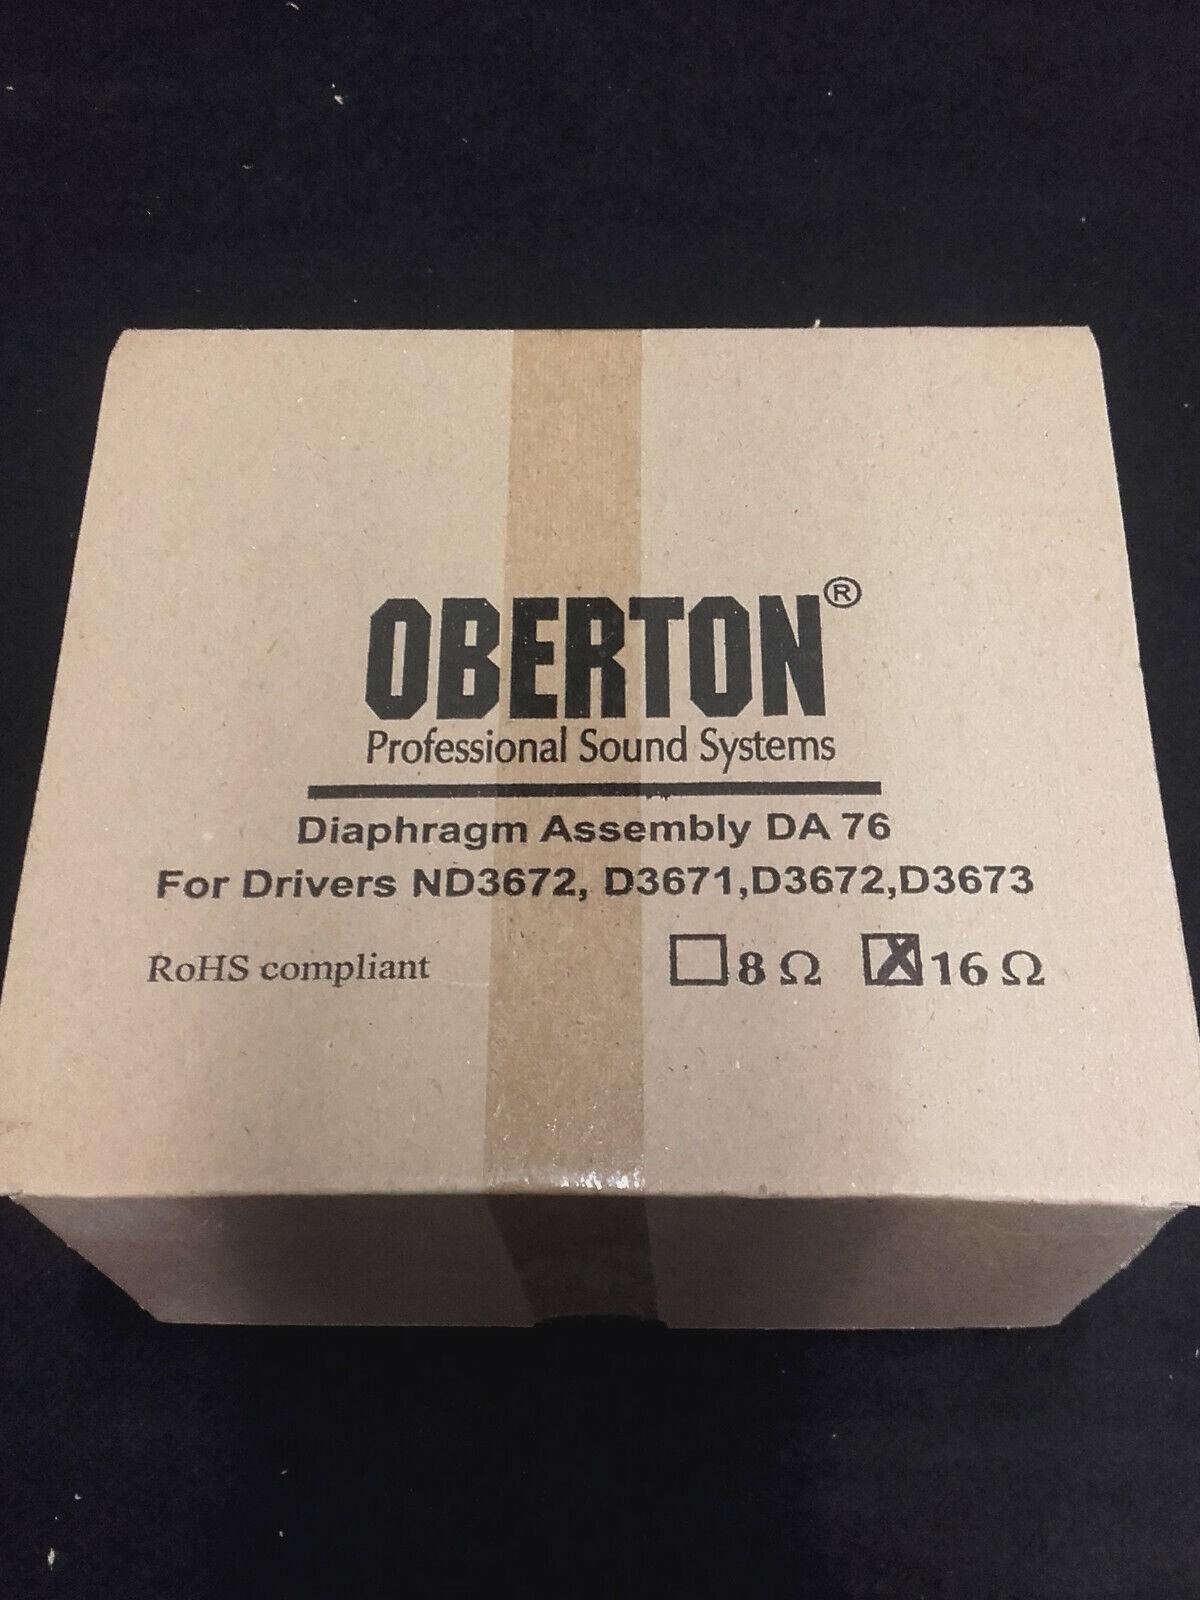 2 Stück Oberton Diaphragma DA76 16 Ohm für Hochtontreiber D3671/D3672/D3673/ND36